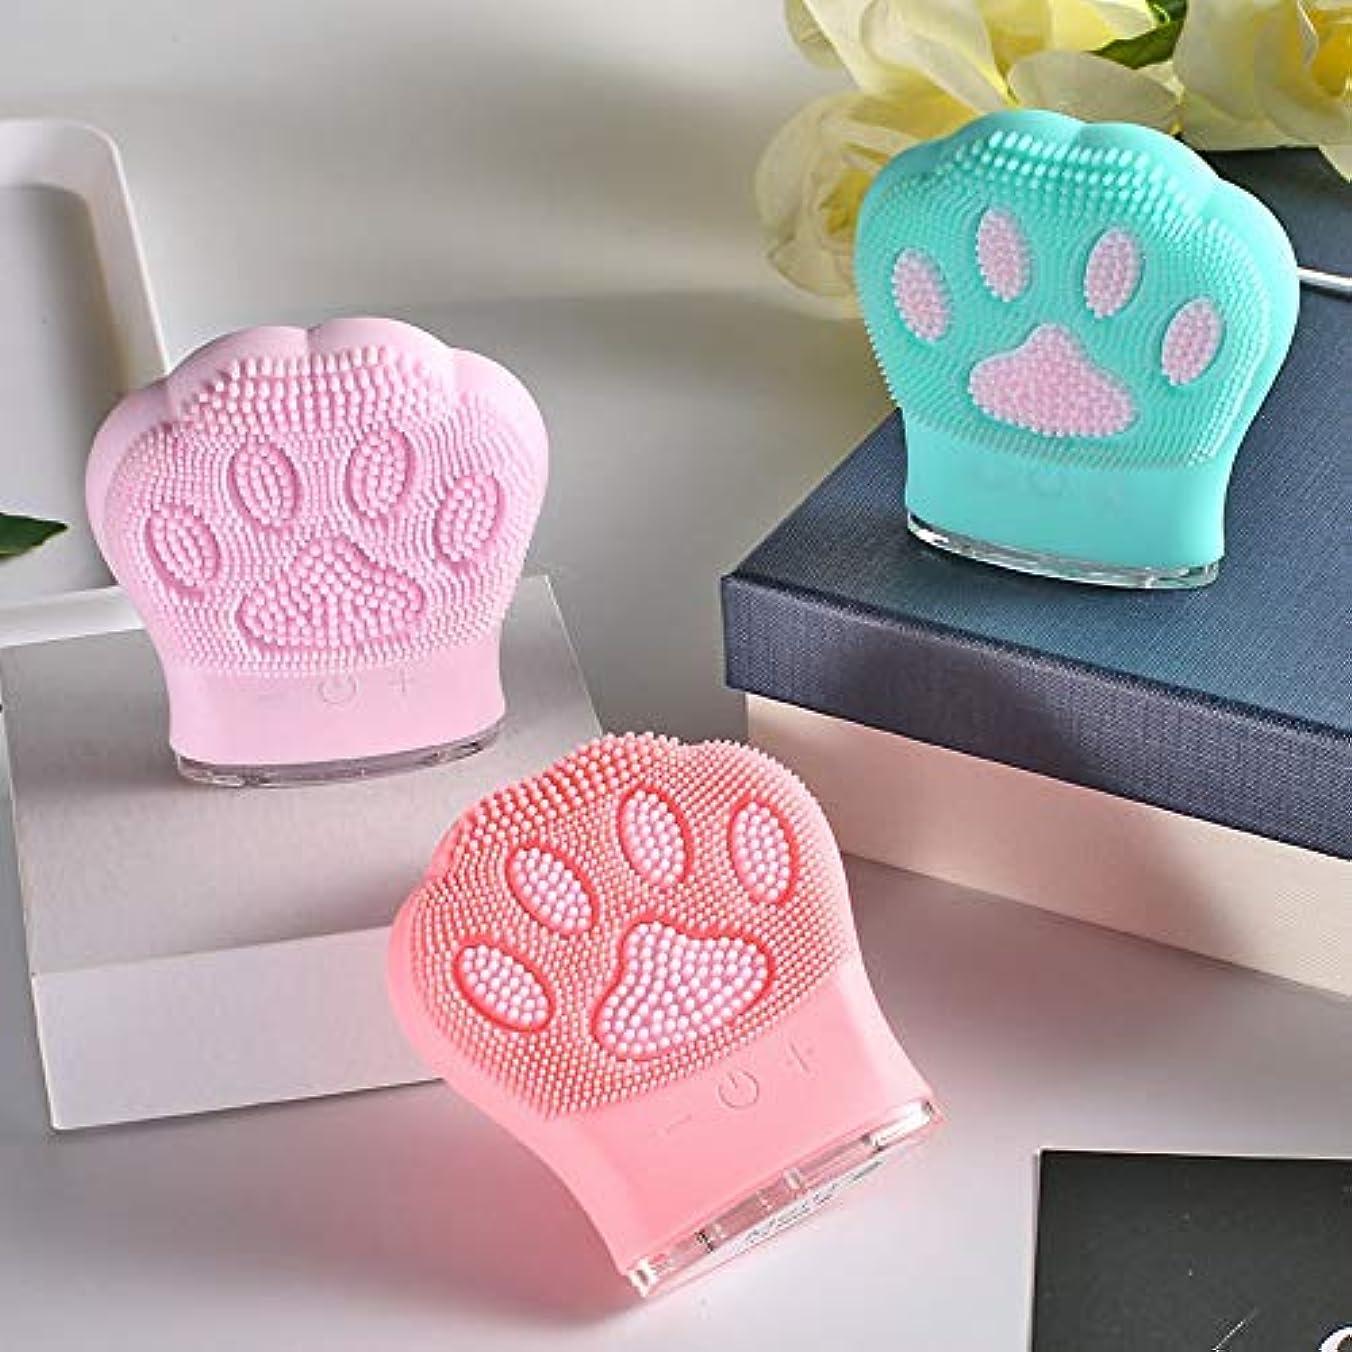 笑首相ロードハウスZXF 新しい猫の爪形状シリコーンクレンジング楽器超音波充電洗顔器具ガールフレンド小さなギフト洗浄ブラシピンク赤青セクション 滑らかである (色 : Pink)